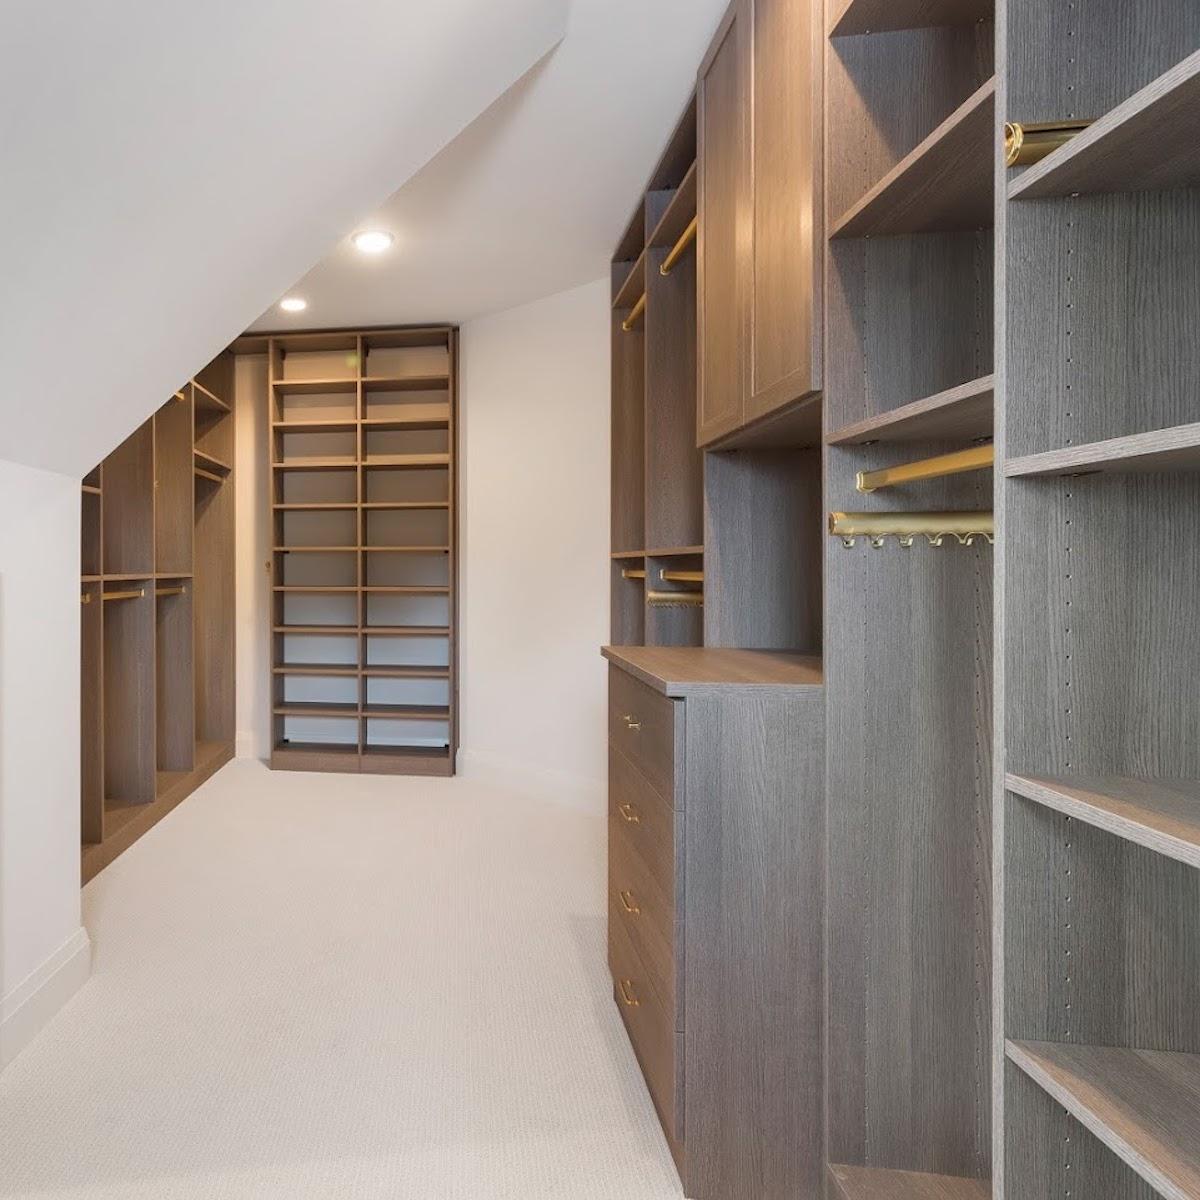 California Closet interior